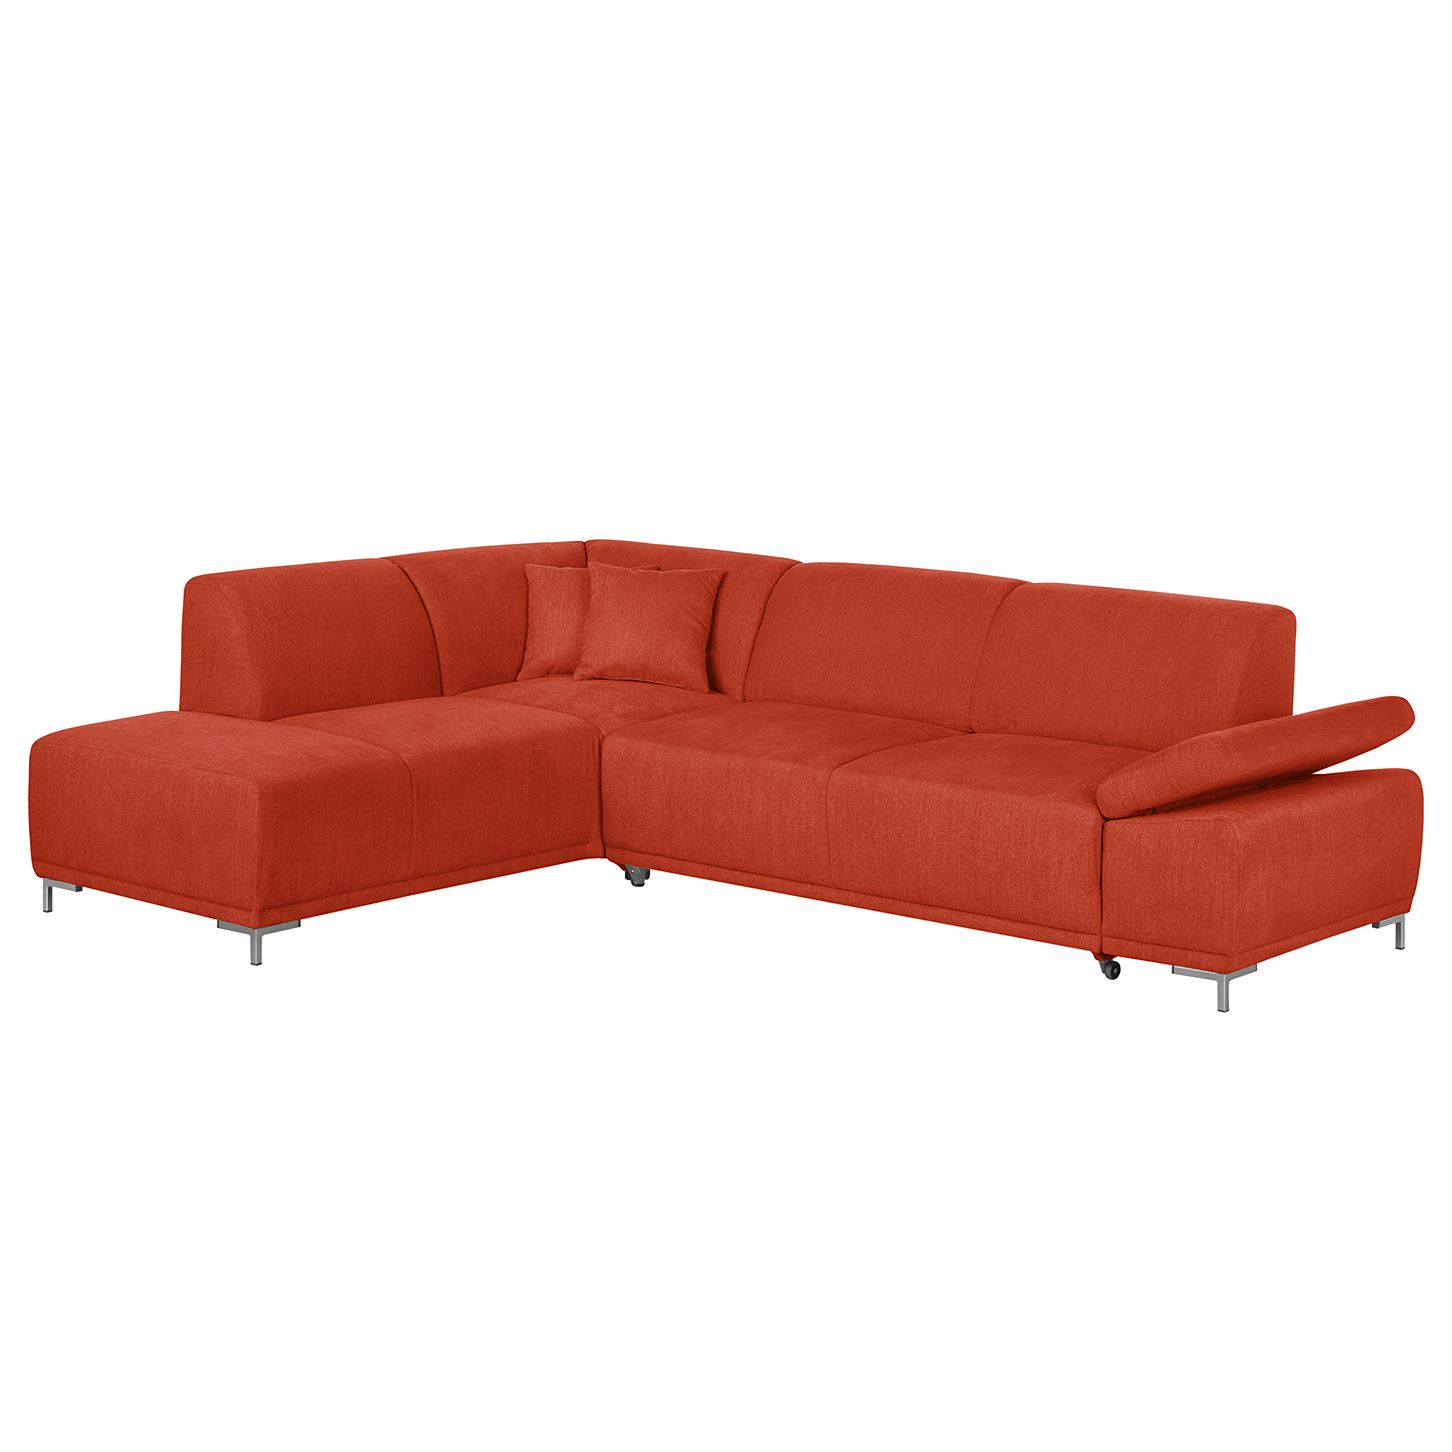 Hoekbank Maradi - geweven stof - longchair vooraanzicht links - Verlengbaar zitoppervlak met zitdiepte verstelling - Baksteen rood, roomscape